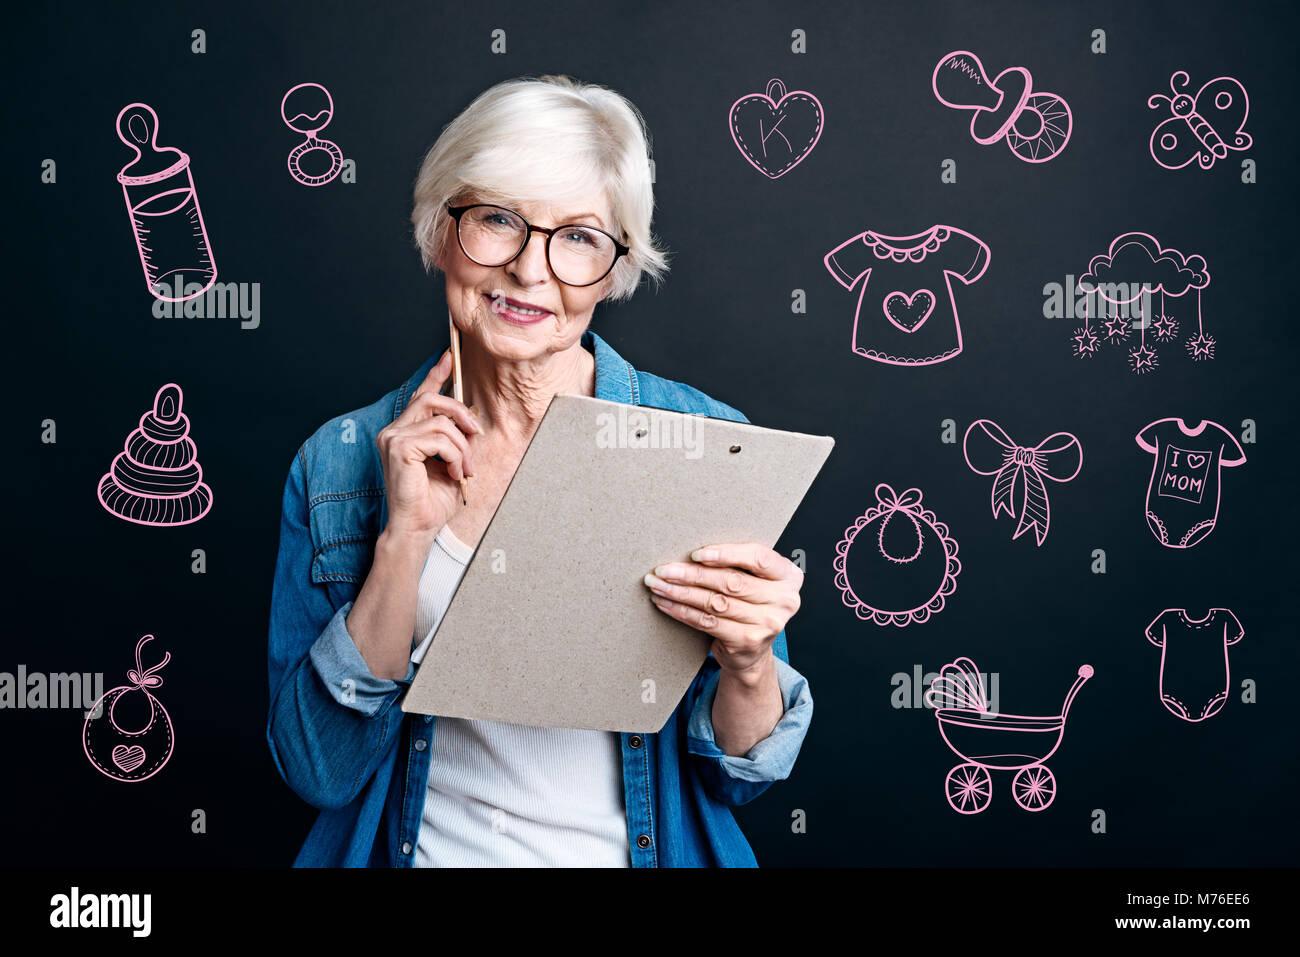 Abuela feliz haciendo una lista antes de ir a una fiesta de cumpleaños Imagen De Stock